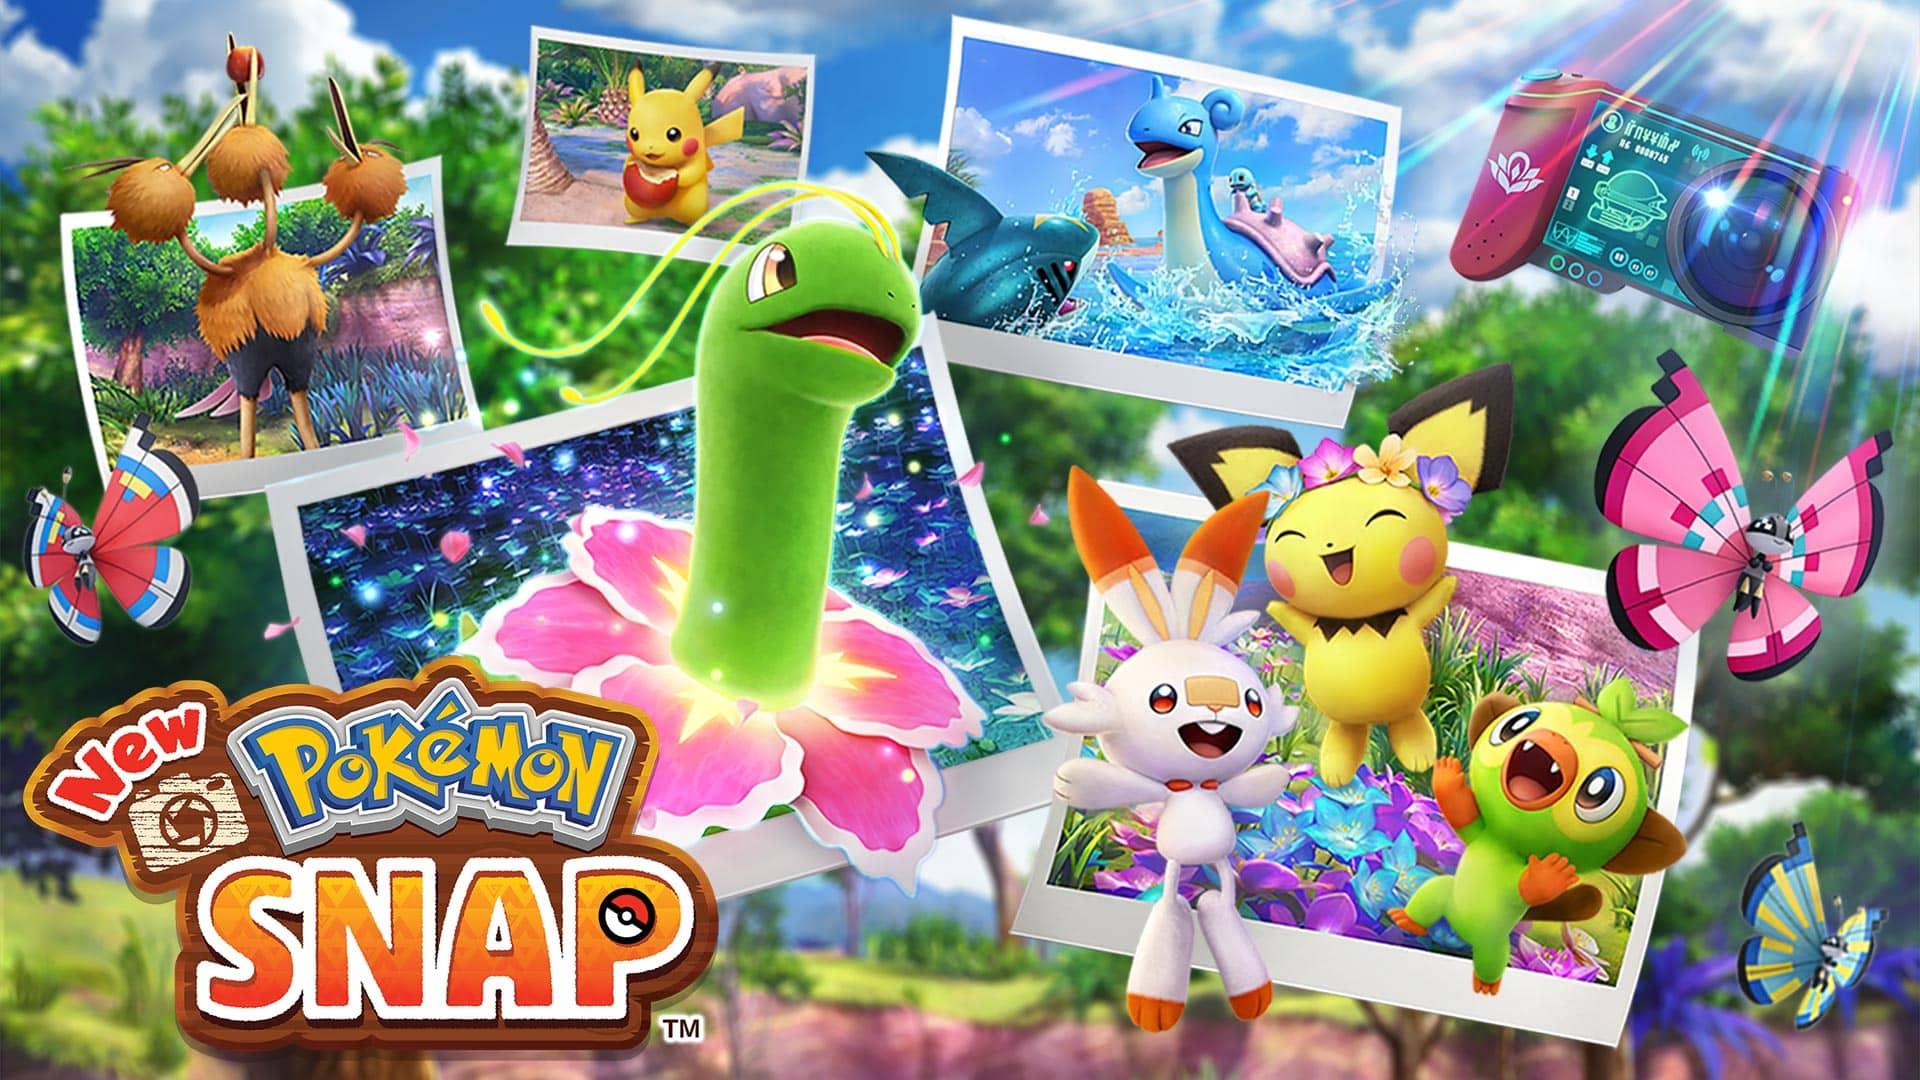 Pokémon Snap detalles